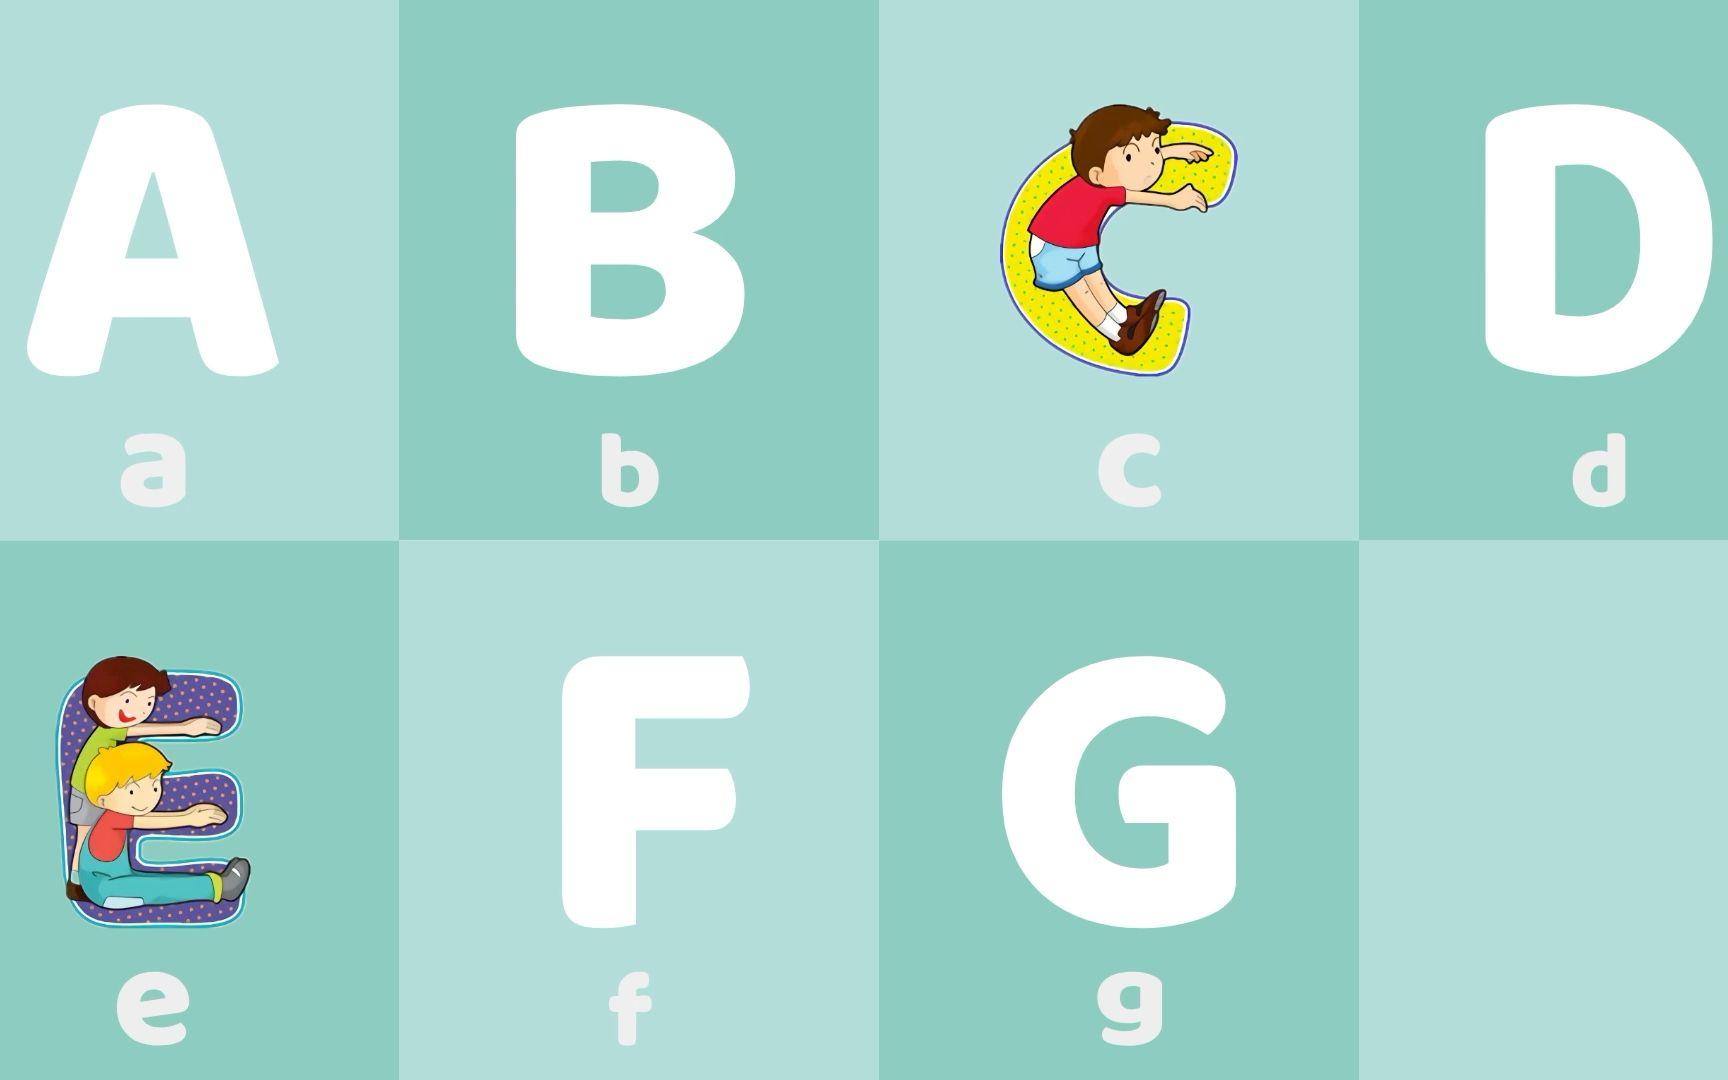 英語ABC字母歌 學習英語字母ABC 學英語 學英文 兒童學英語 英文兒歌 磨耳朵早教 [西瓜寶寶學英語]_嗶哩嗶哩 ...